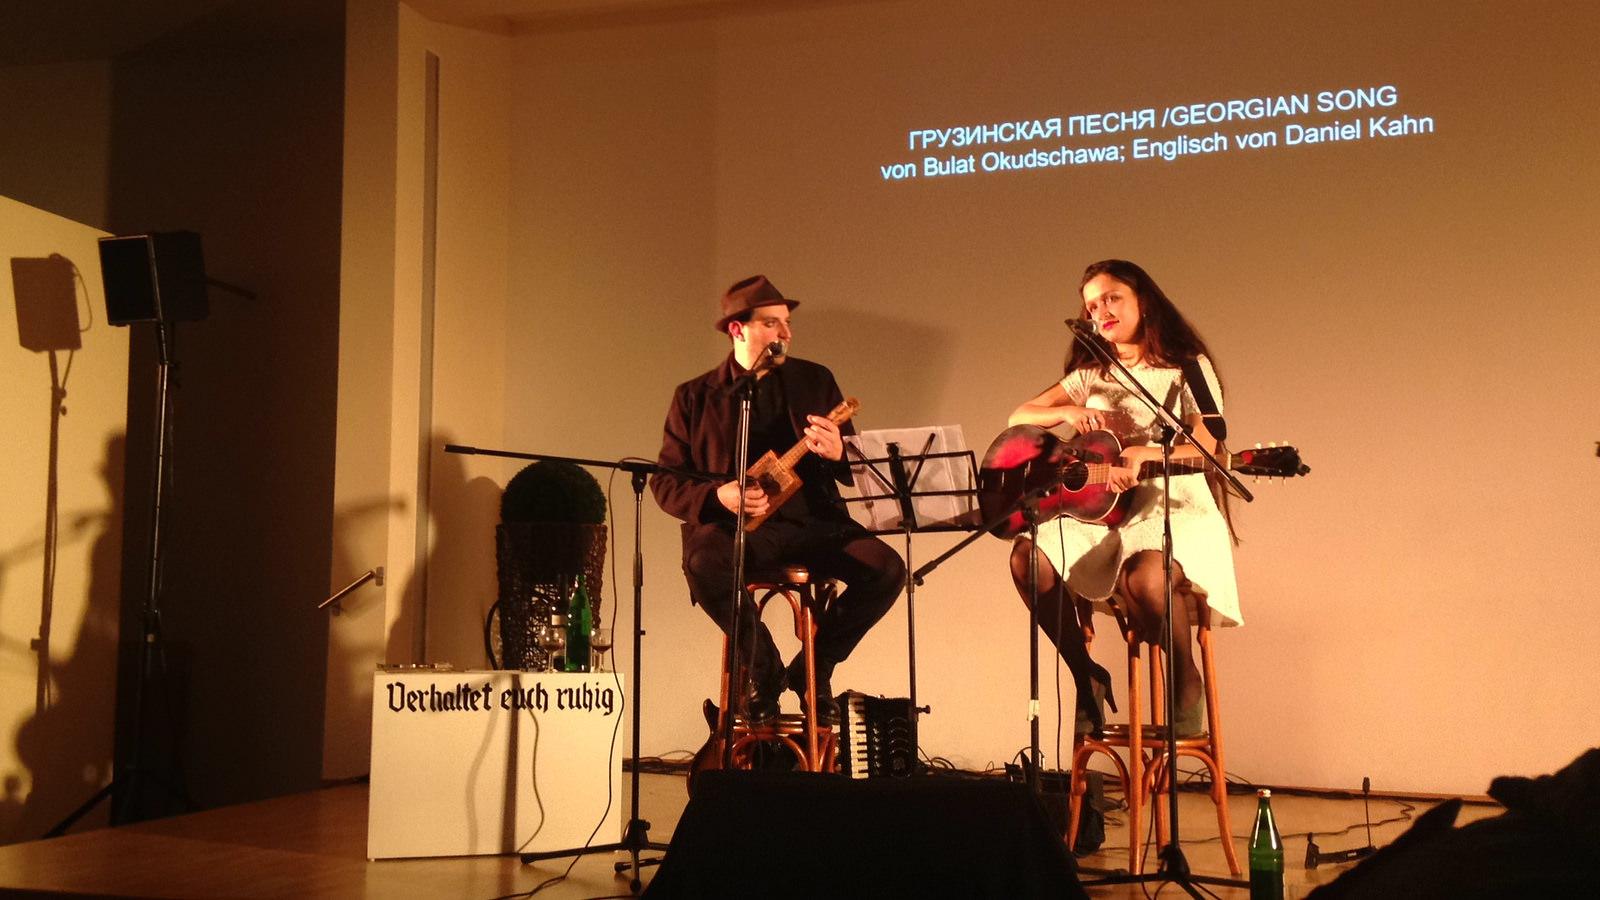 Daniel Kahn und Sasha Lurje singen Bulat Okudzhava im Gemeindesaal der Jüdischen Gemeinde Gelsenkirchen